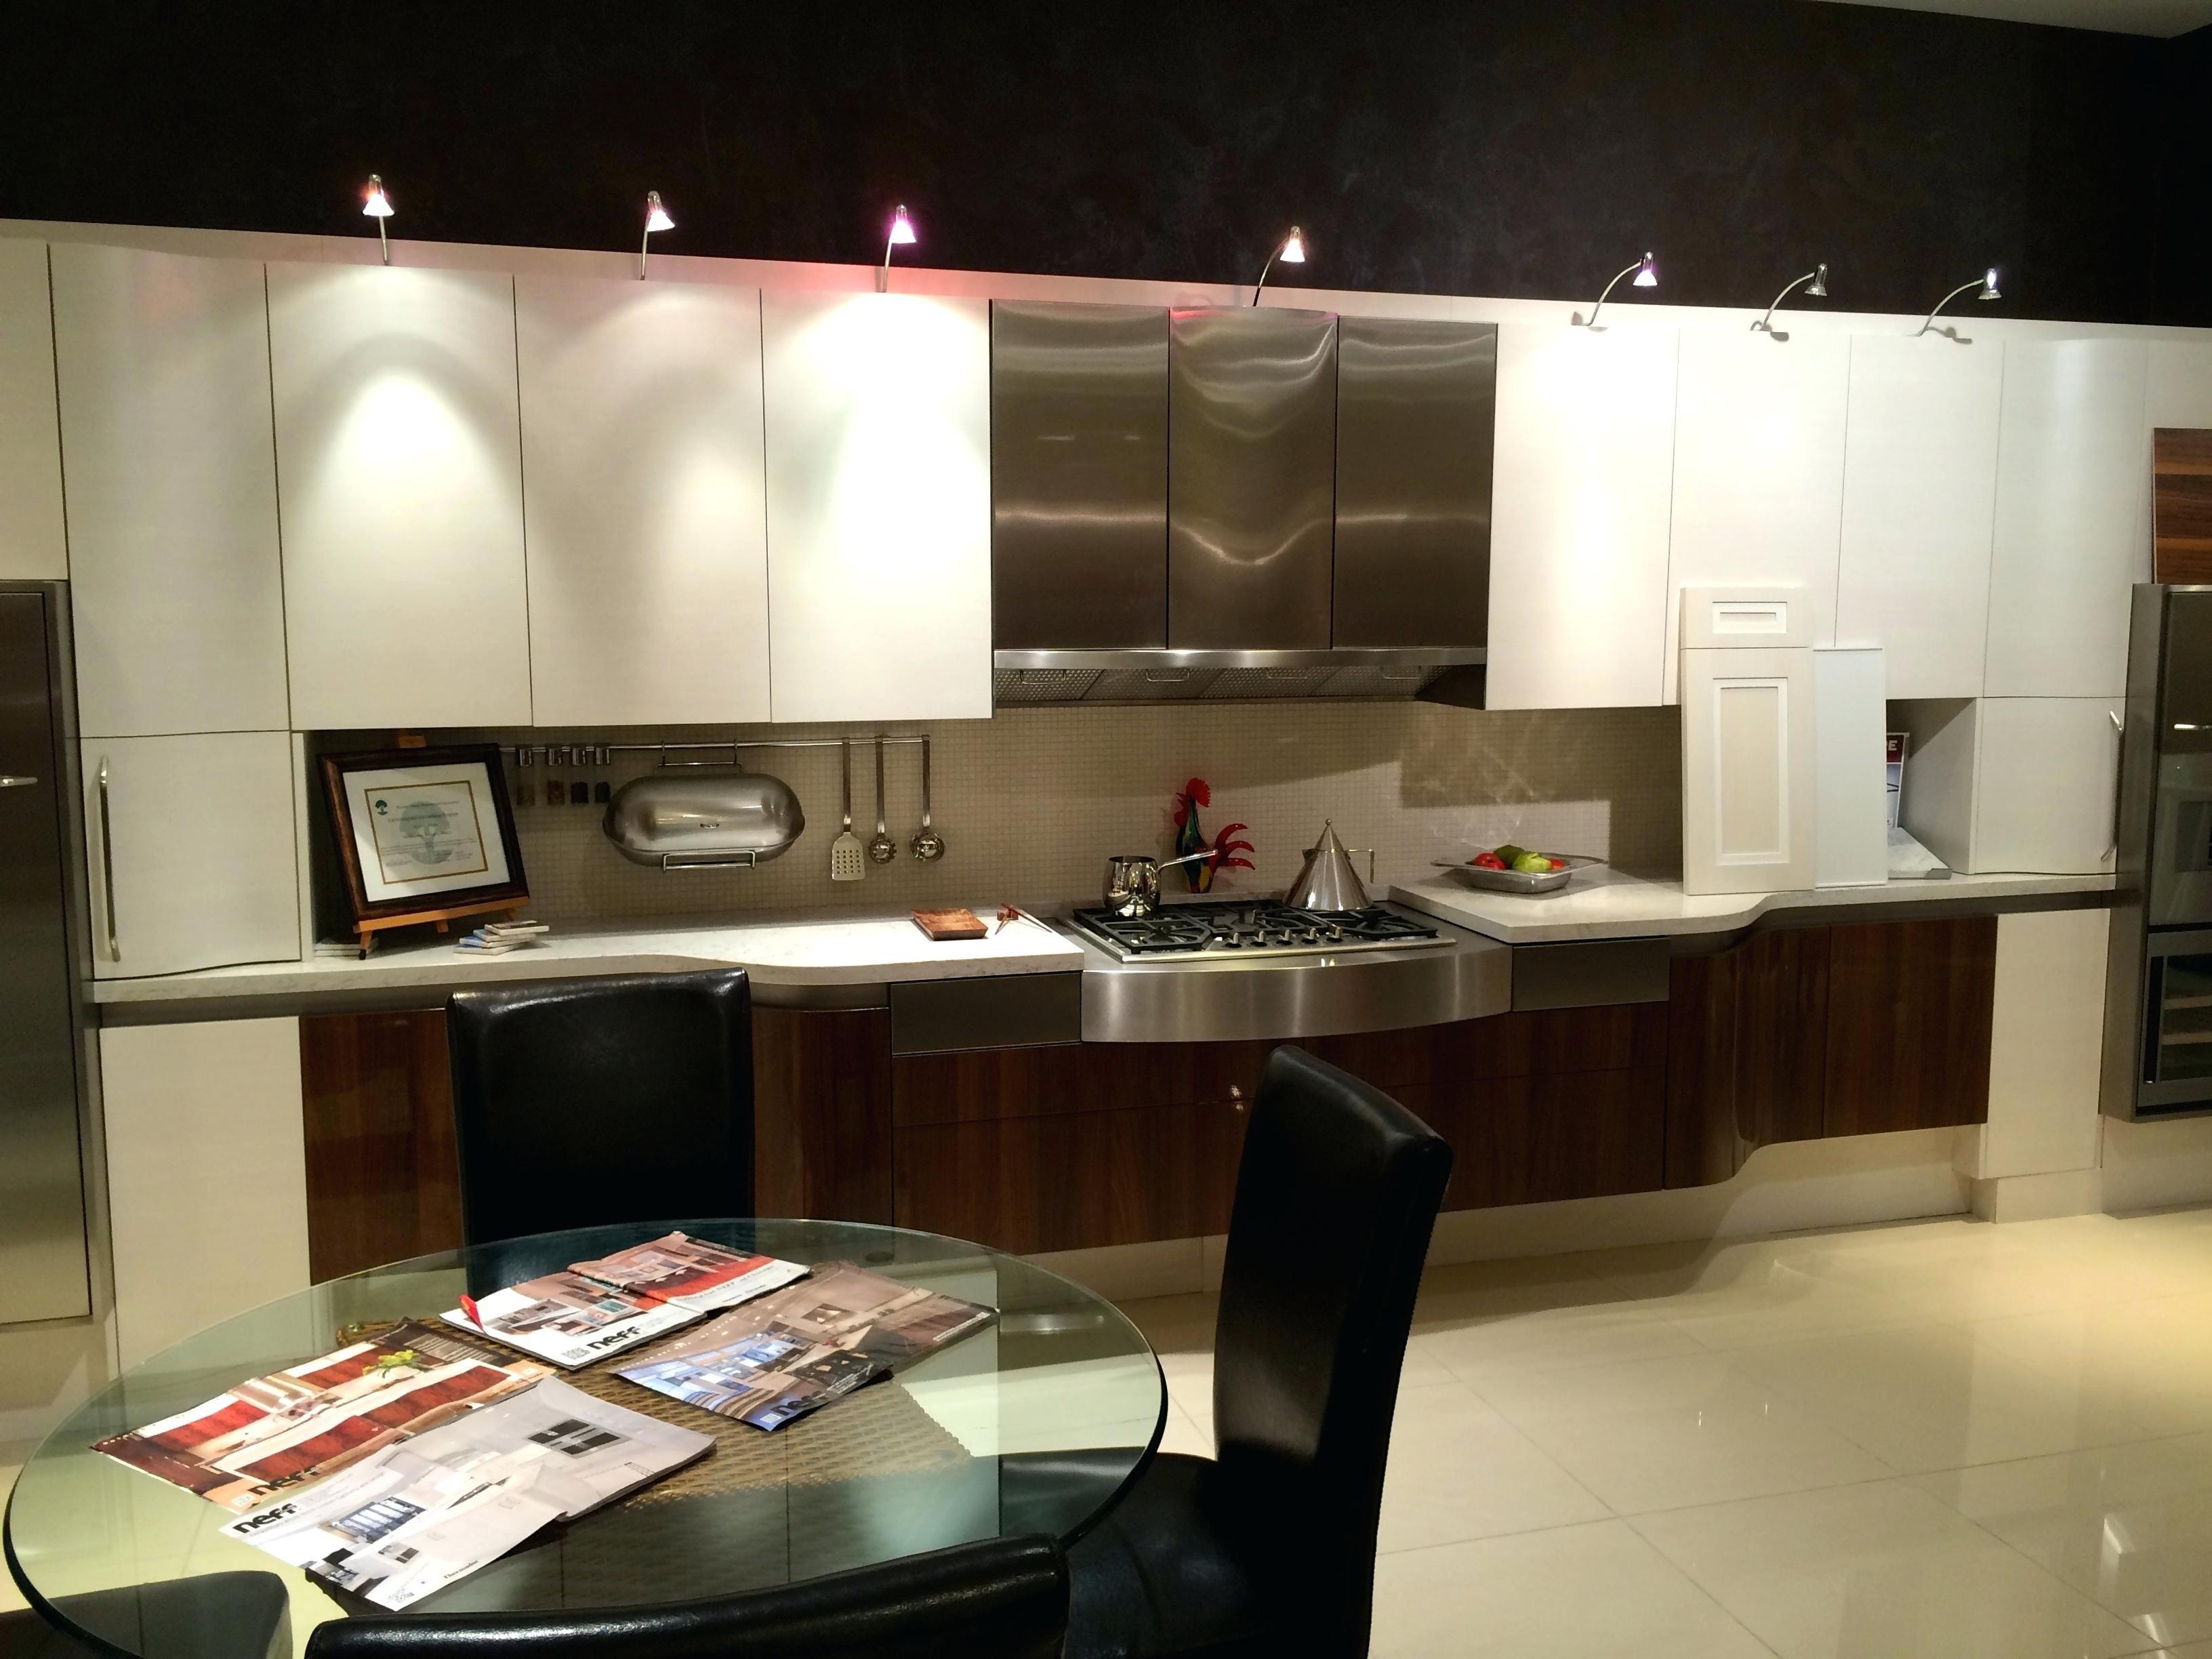 Beeindruckend Kuchenschranke Regina Mit Bildern Kuche Quadratisch Kuchendesign Modern Kuche